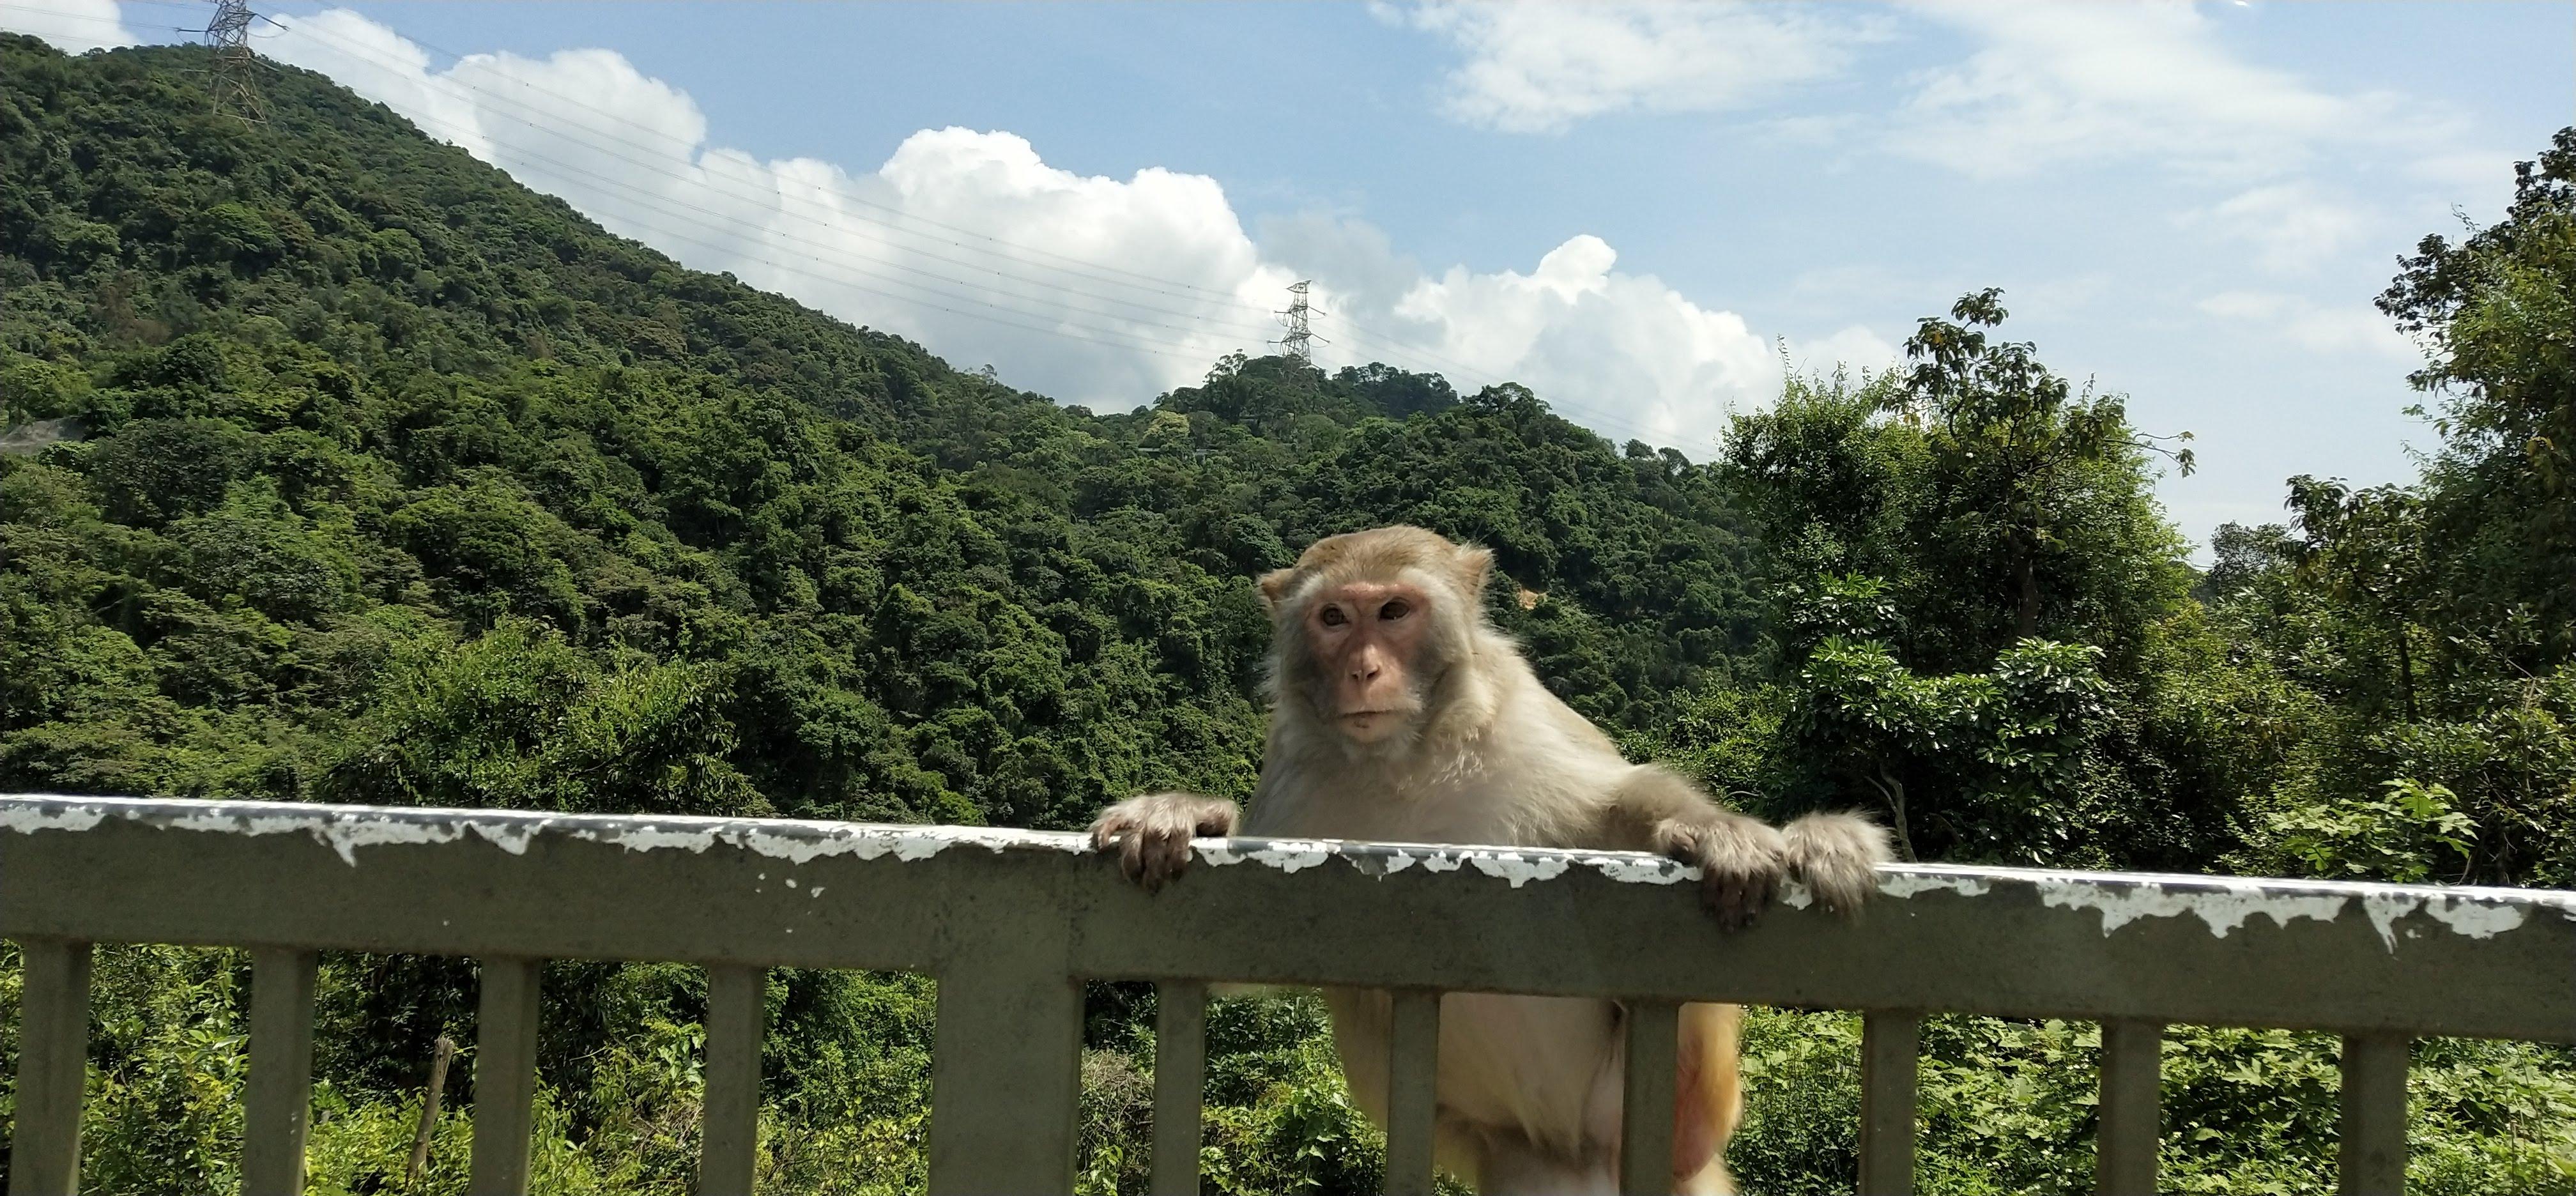 Monkey climbing fence